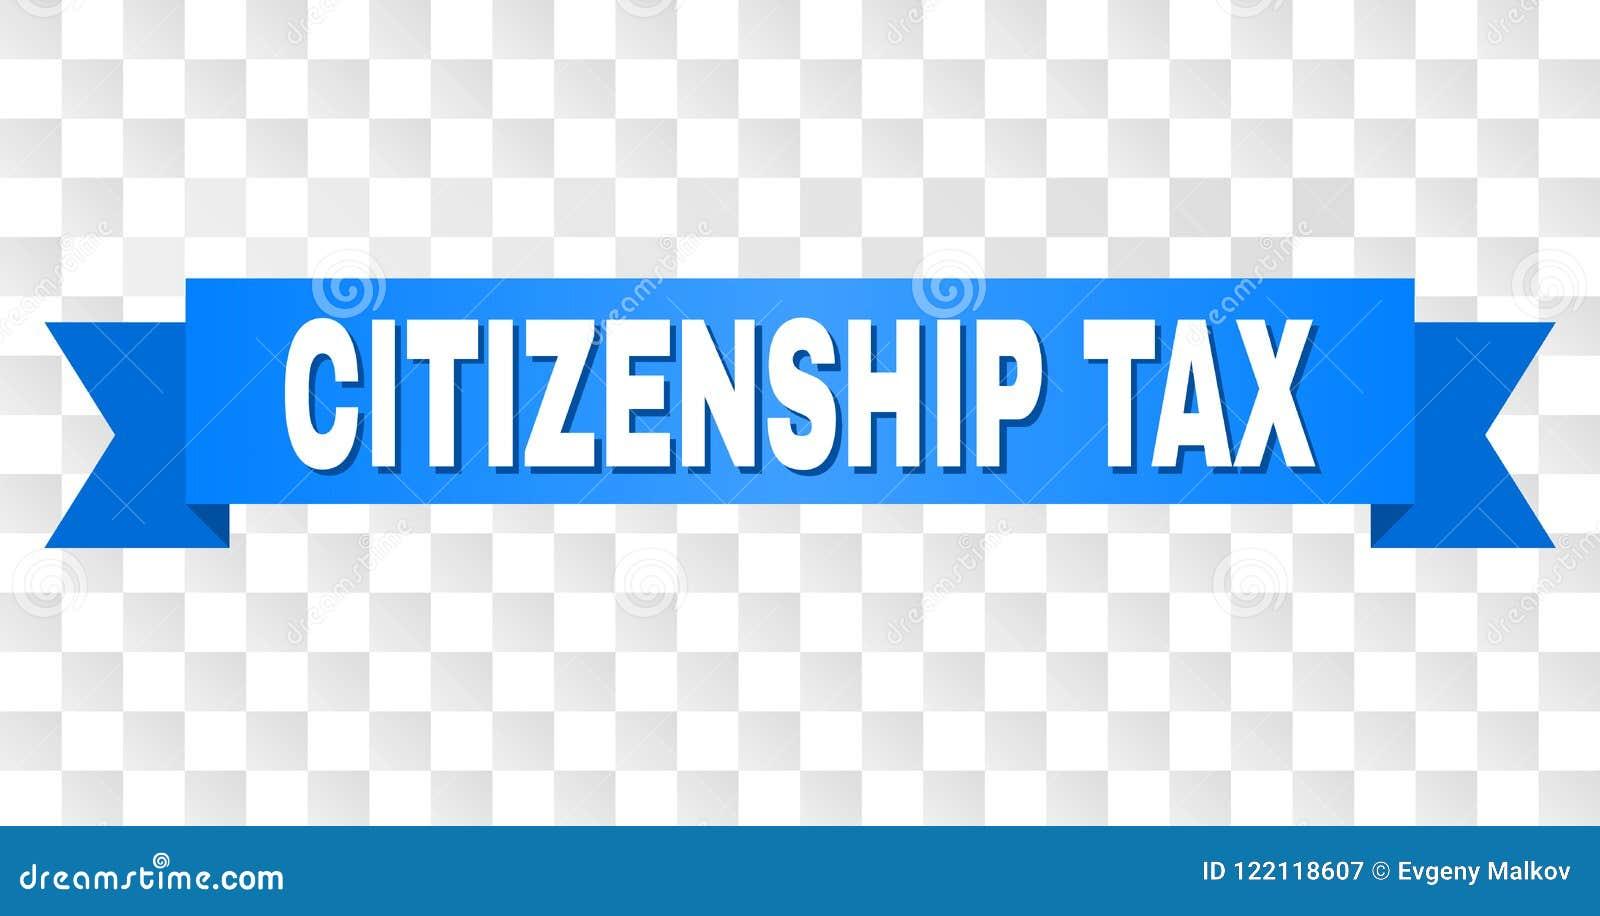 有公民身份税说明的蓝色磁带